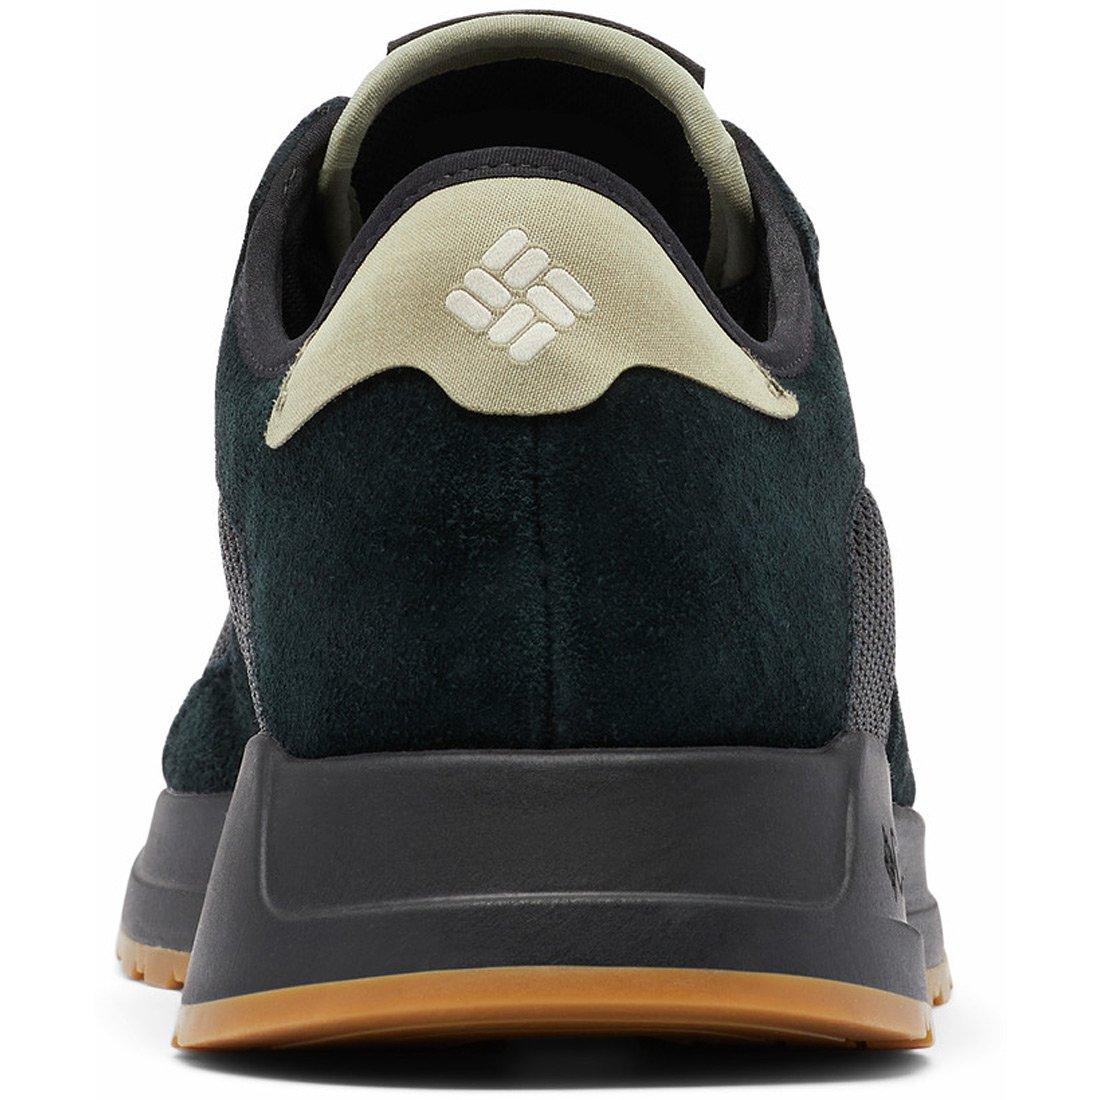 נעליים לגברים - Wildone Generation - Columbia